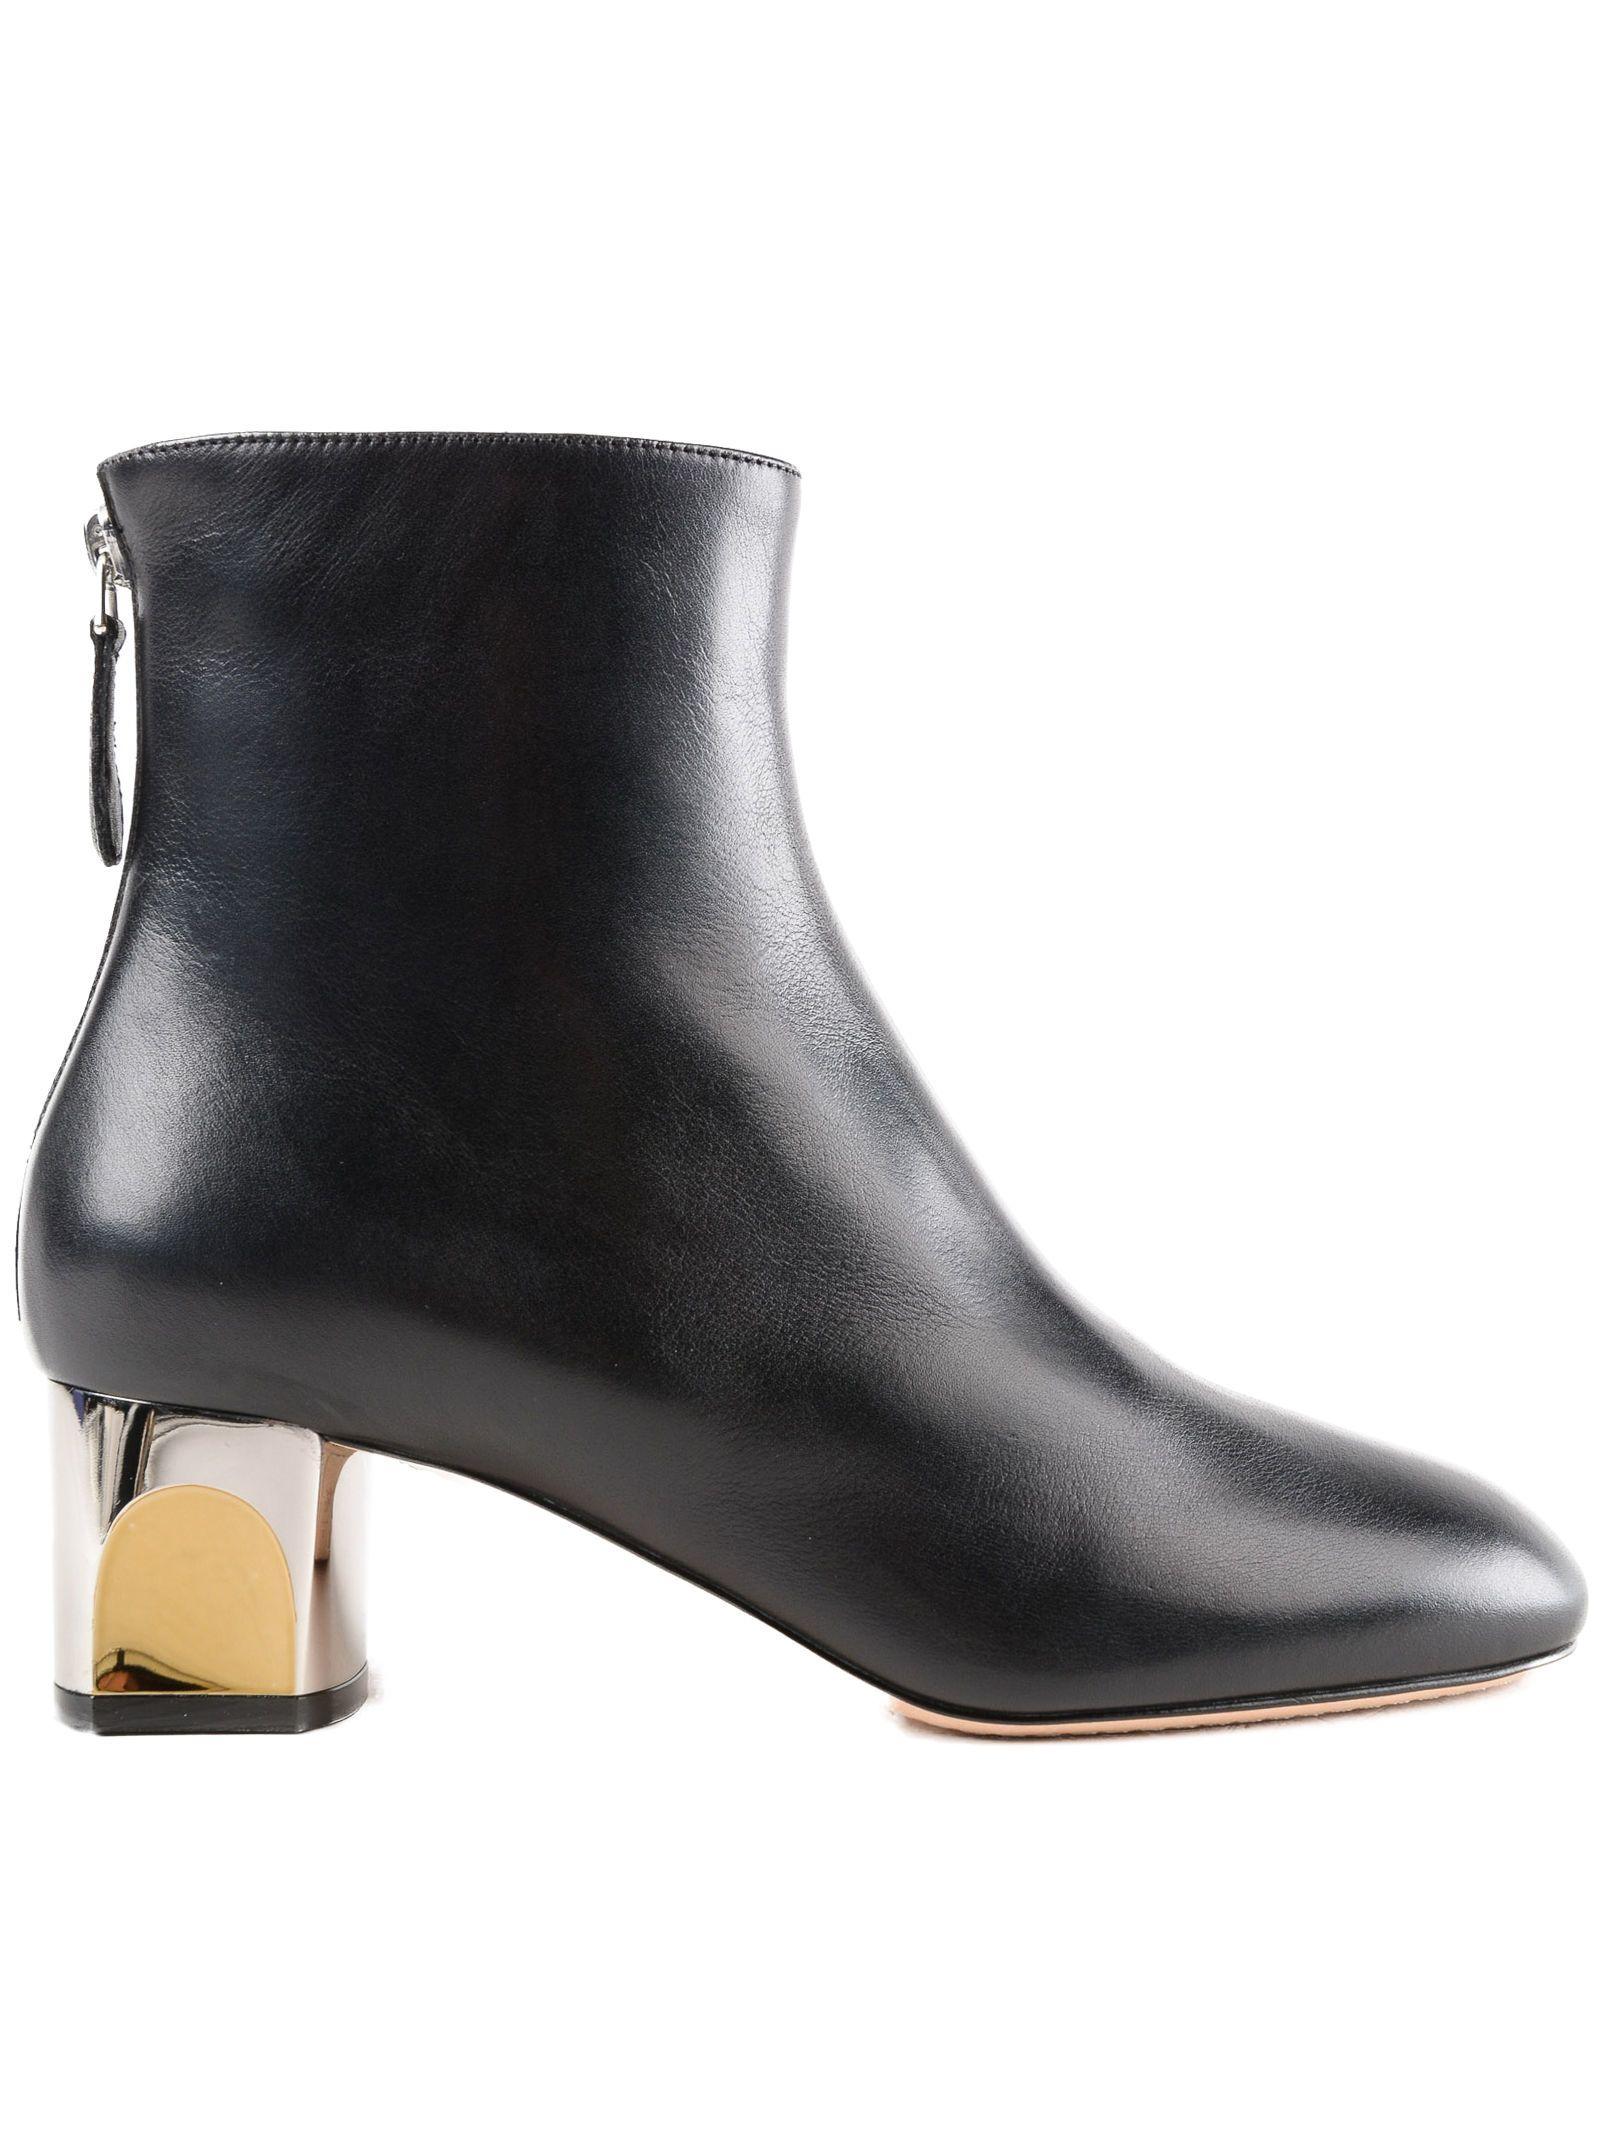 Alexander Mcqueen Metallic Heeled Ankle Boots